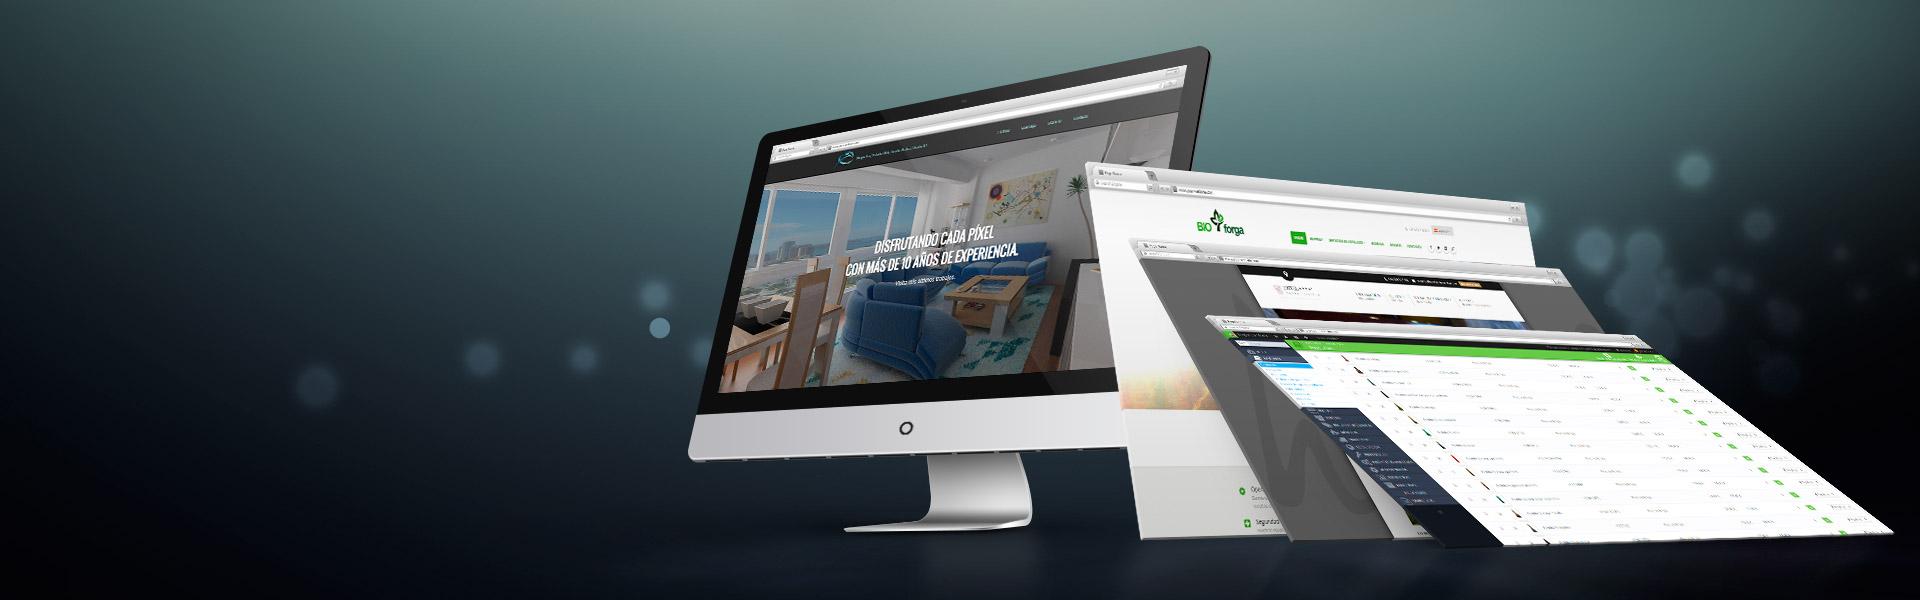 web design and development company